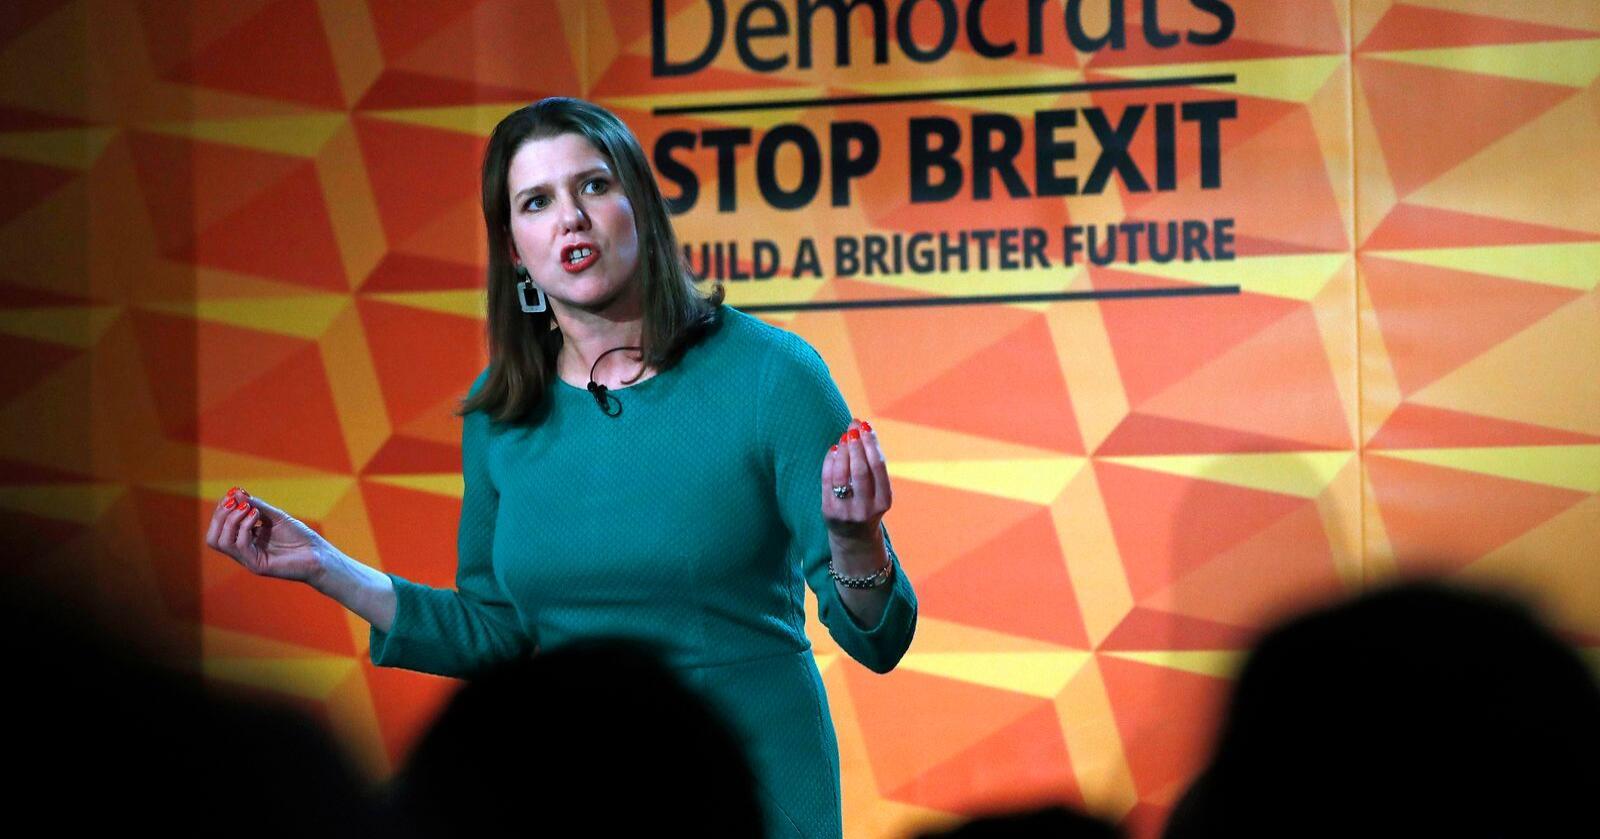 Liberaldemokratene og partileder Jo Cox arbeider for å stoppe brexit. Flere av deres kandidater har måttet tåle trusler og sjikane. Foto: Alastair Grant / AP / NTB scanpix